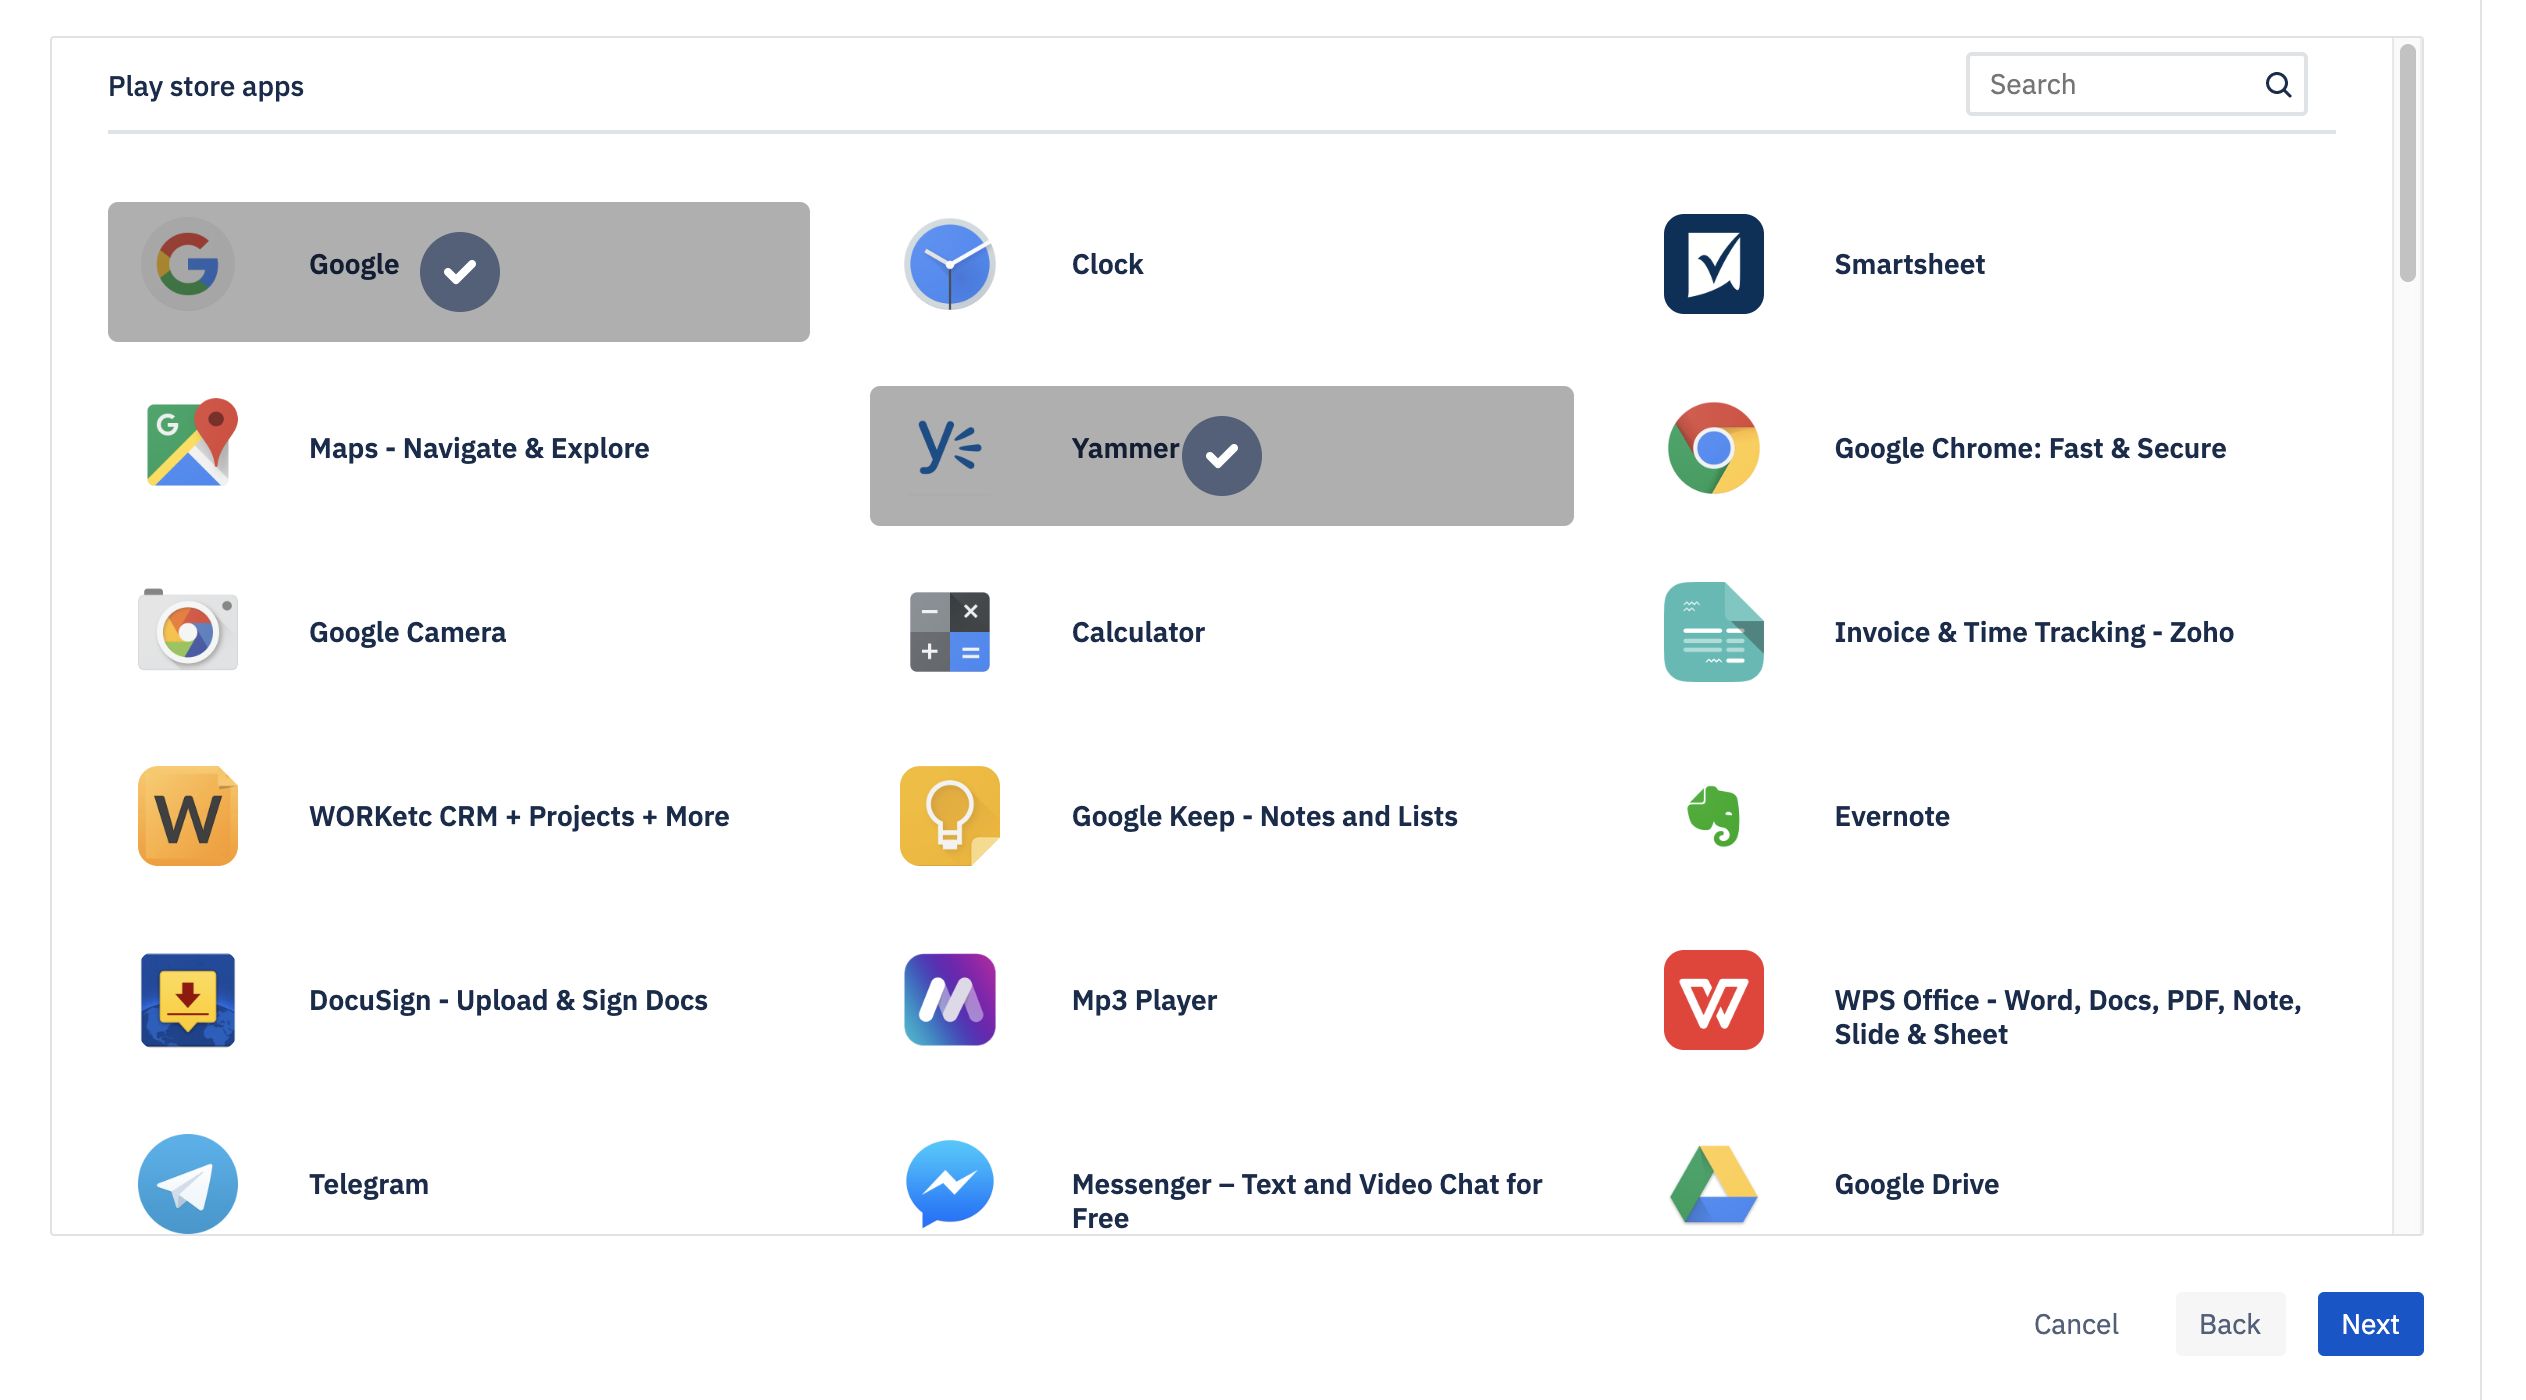 Google app Apps